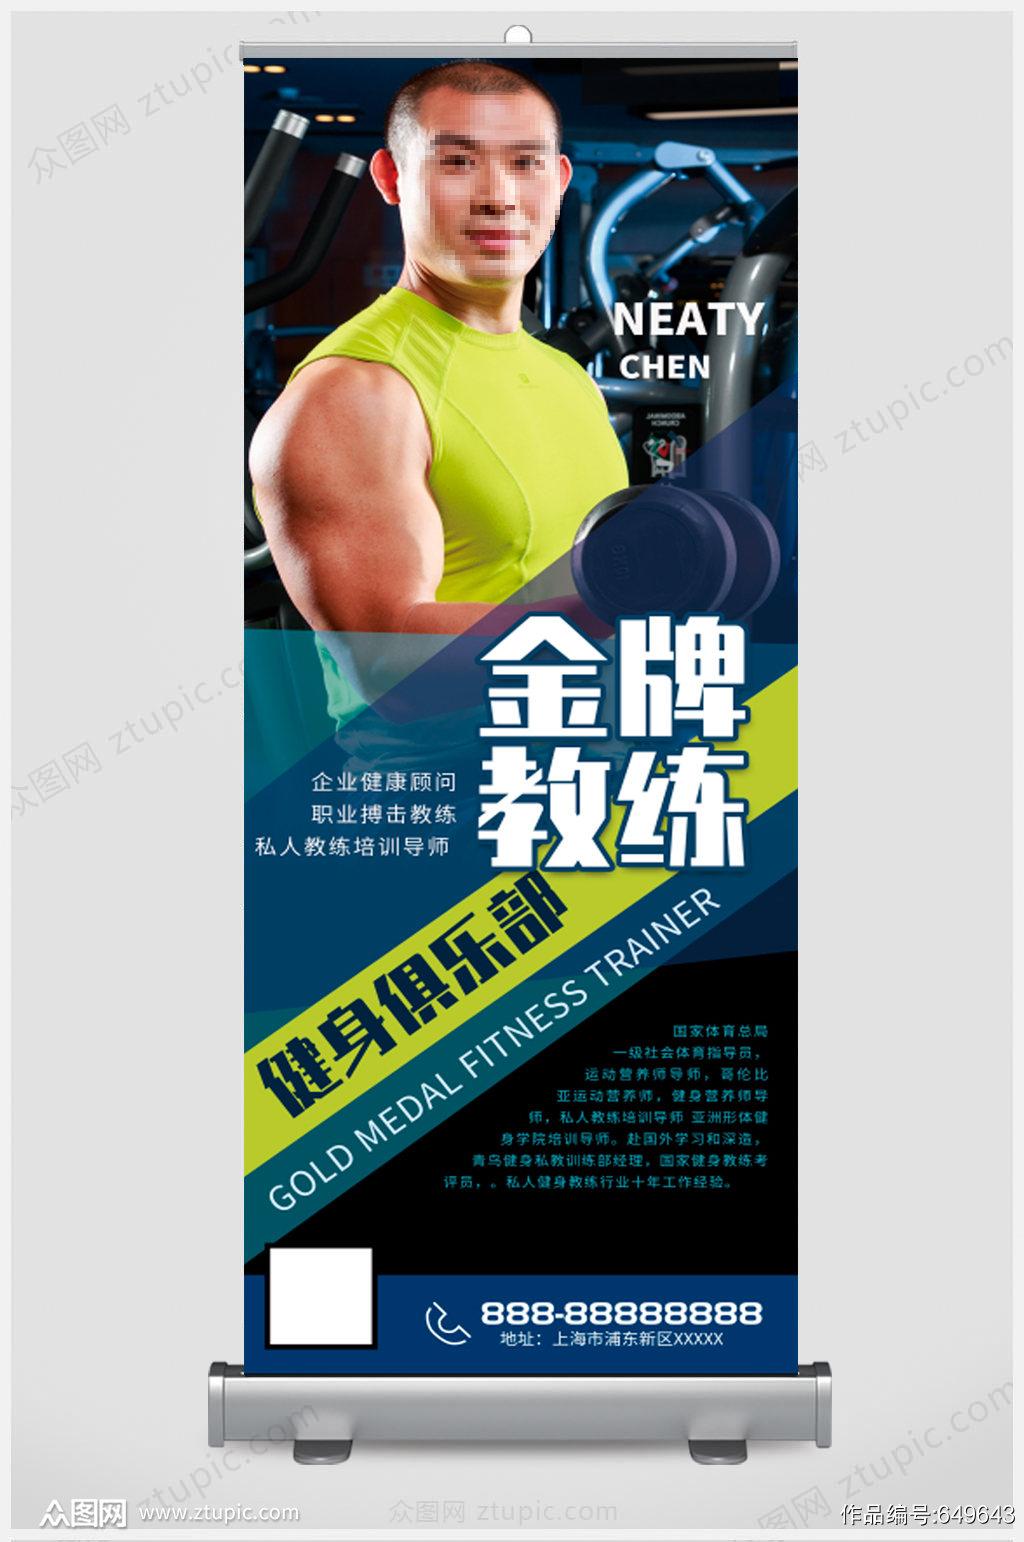 简约健身房金牌教练展板海报素材